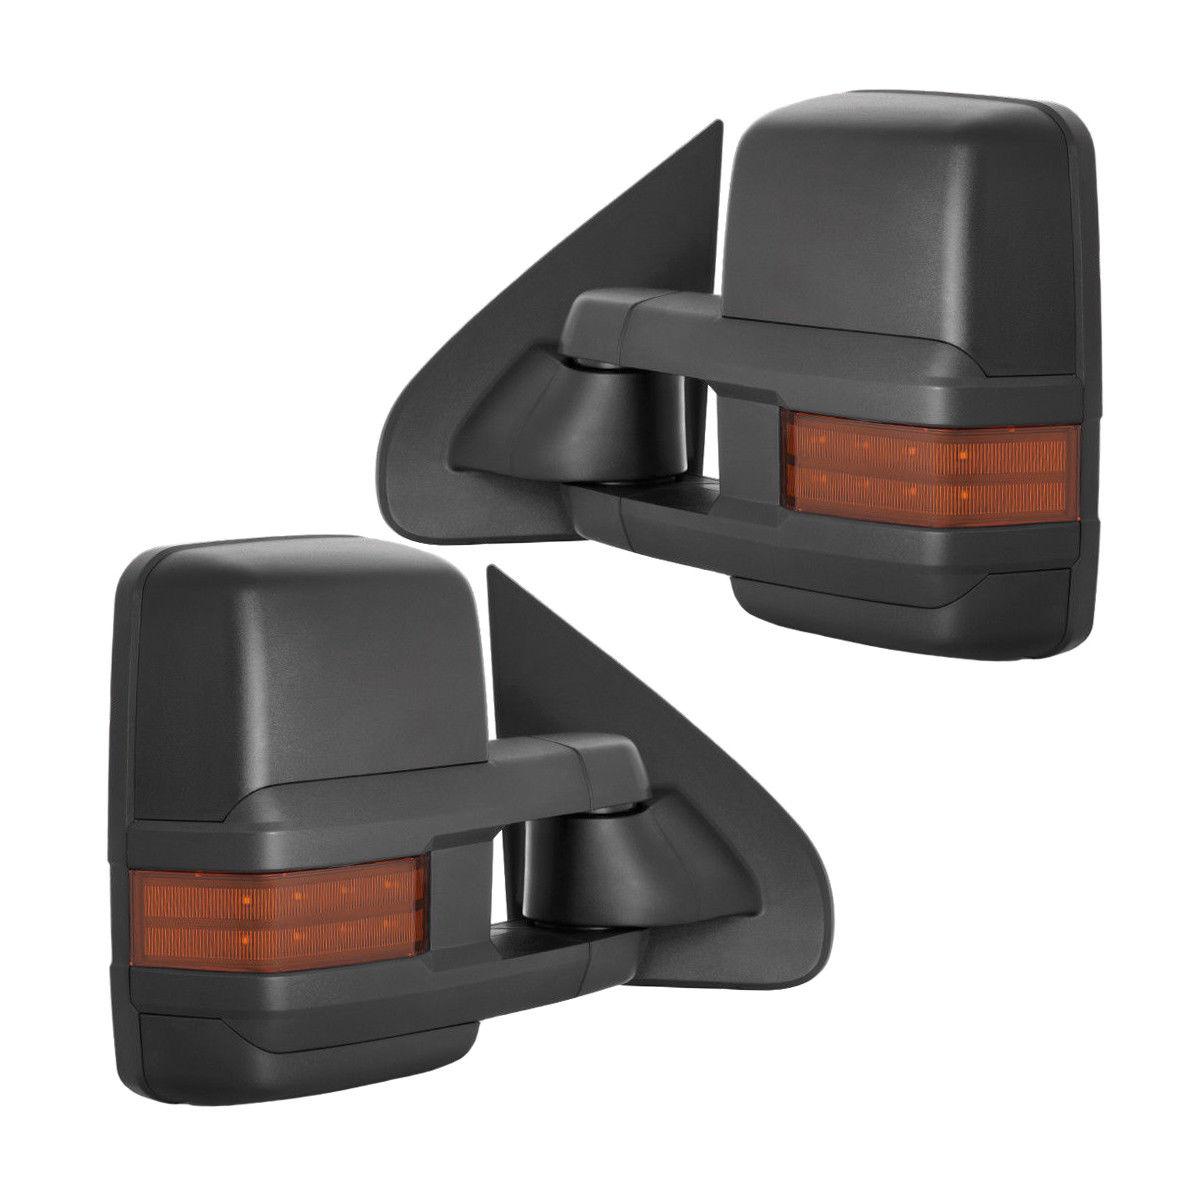 ミラー New Set of 2 Power Amber Turn Signal Tow Mirrors for Chevy/GMC Truck 03-06 Pair Chevy / GMCトラック用パワーアンバーターンシグナルトウミラーの新しいセット03-06ペア